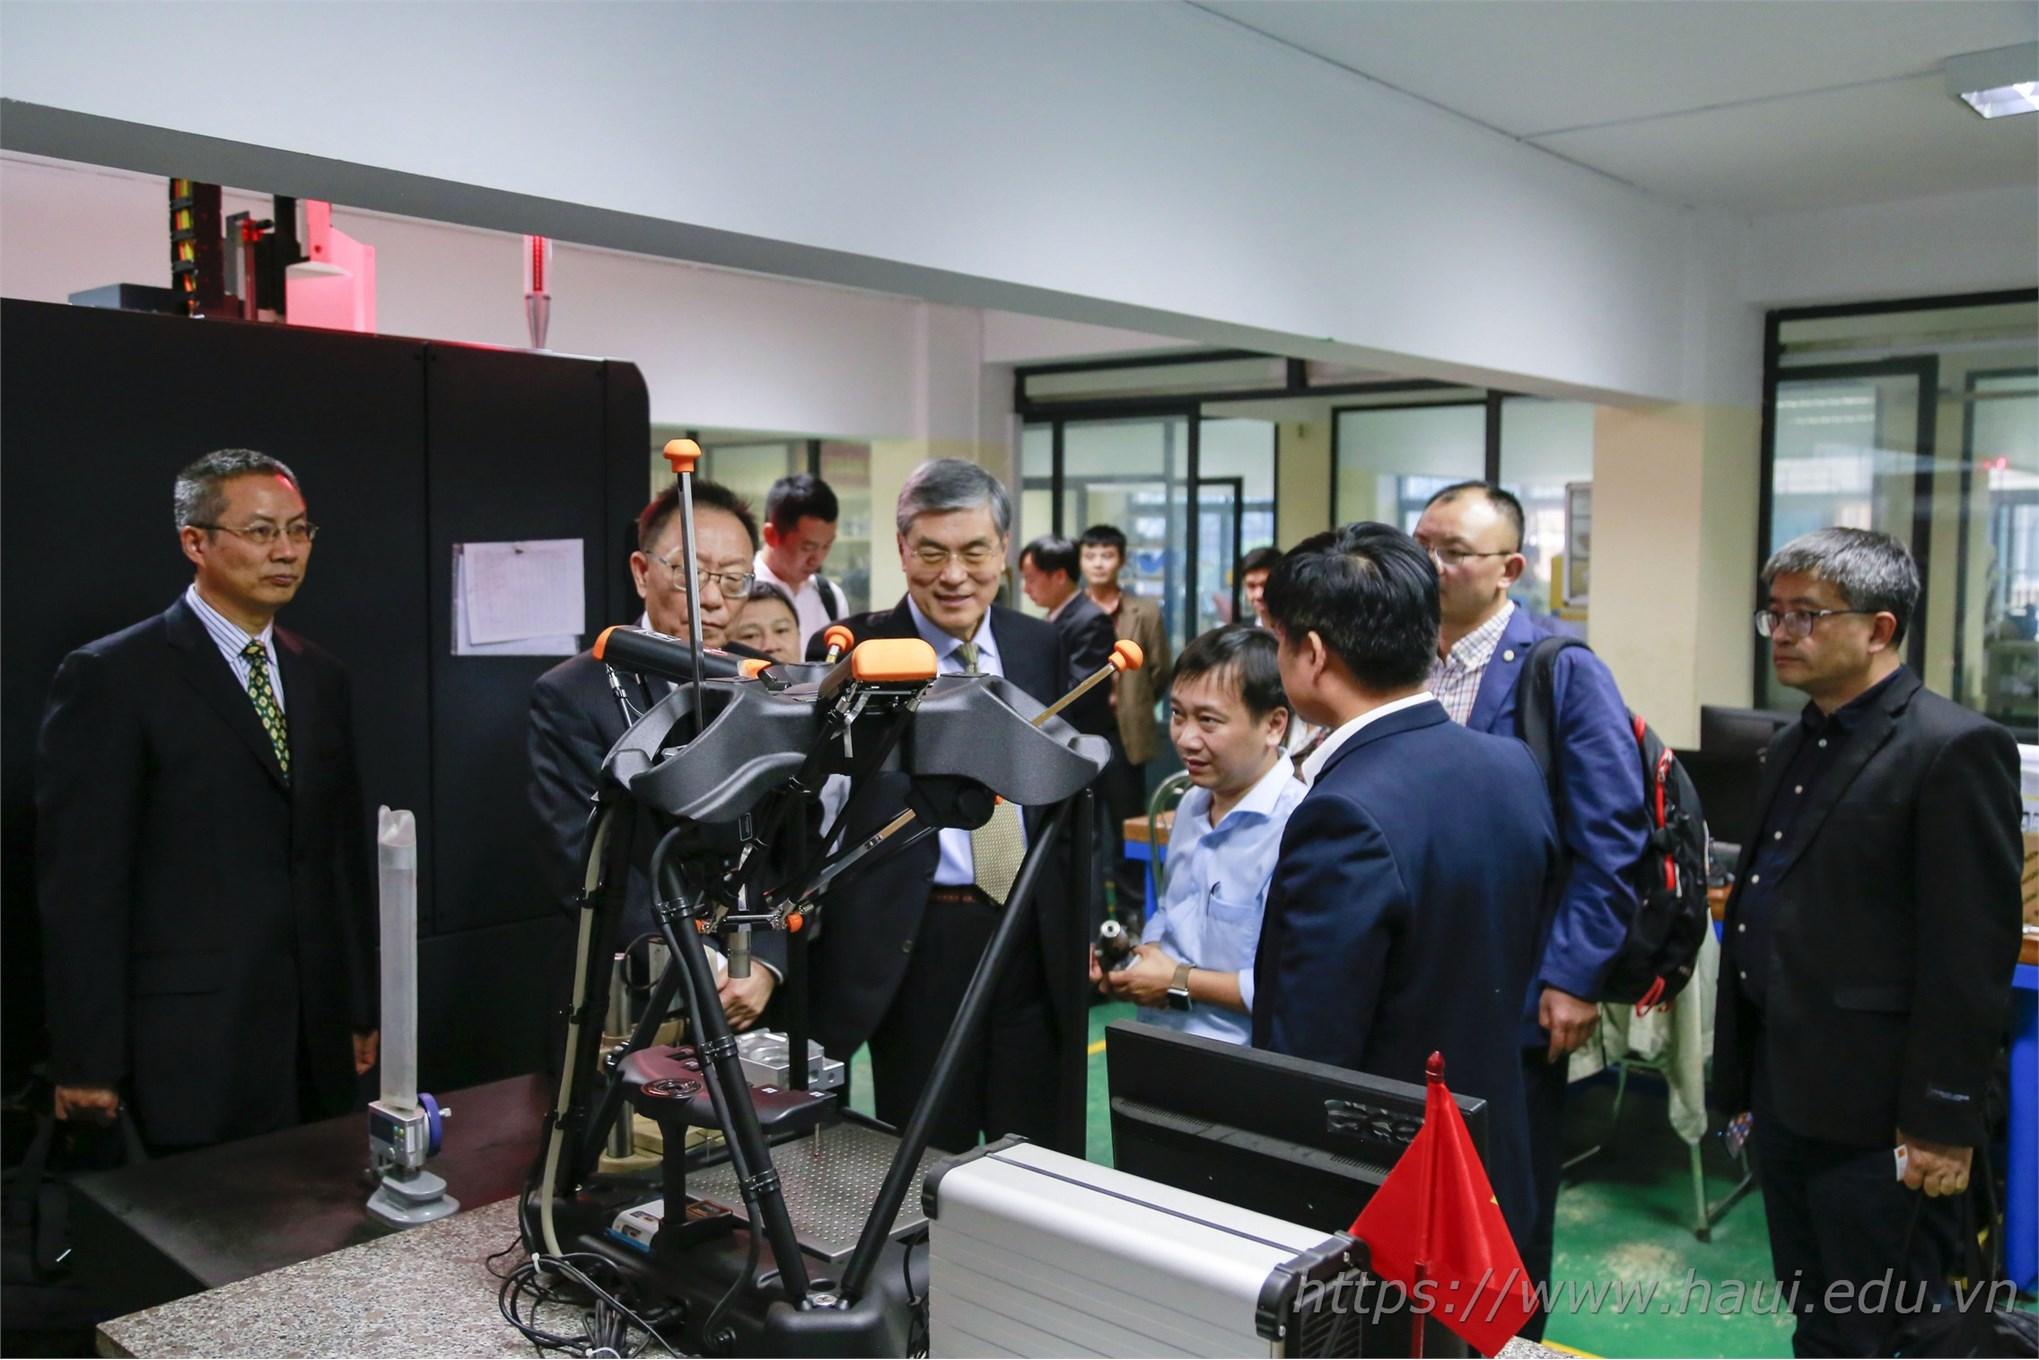 Khoa Cơ khí - Trường Đại học Công nghiệp Hà Nội tiên phong trong đào tạo ngành công nghệ kỹ thuật khuôn mẫu tại Việt Nam